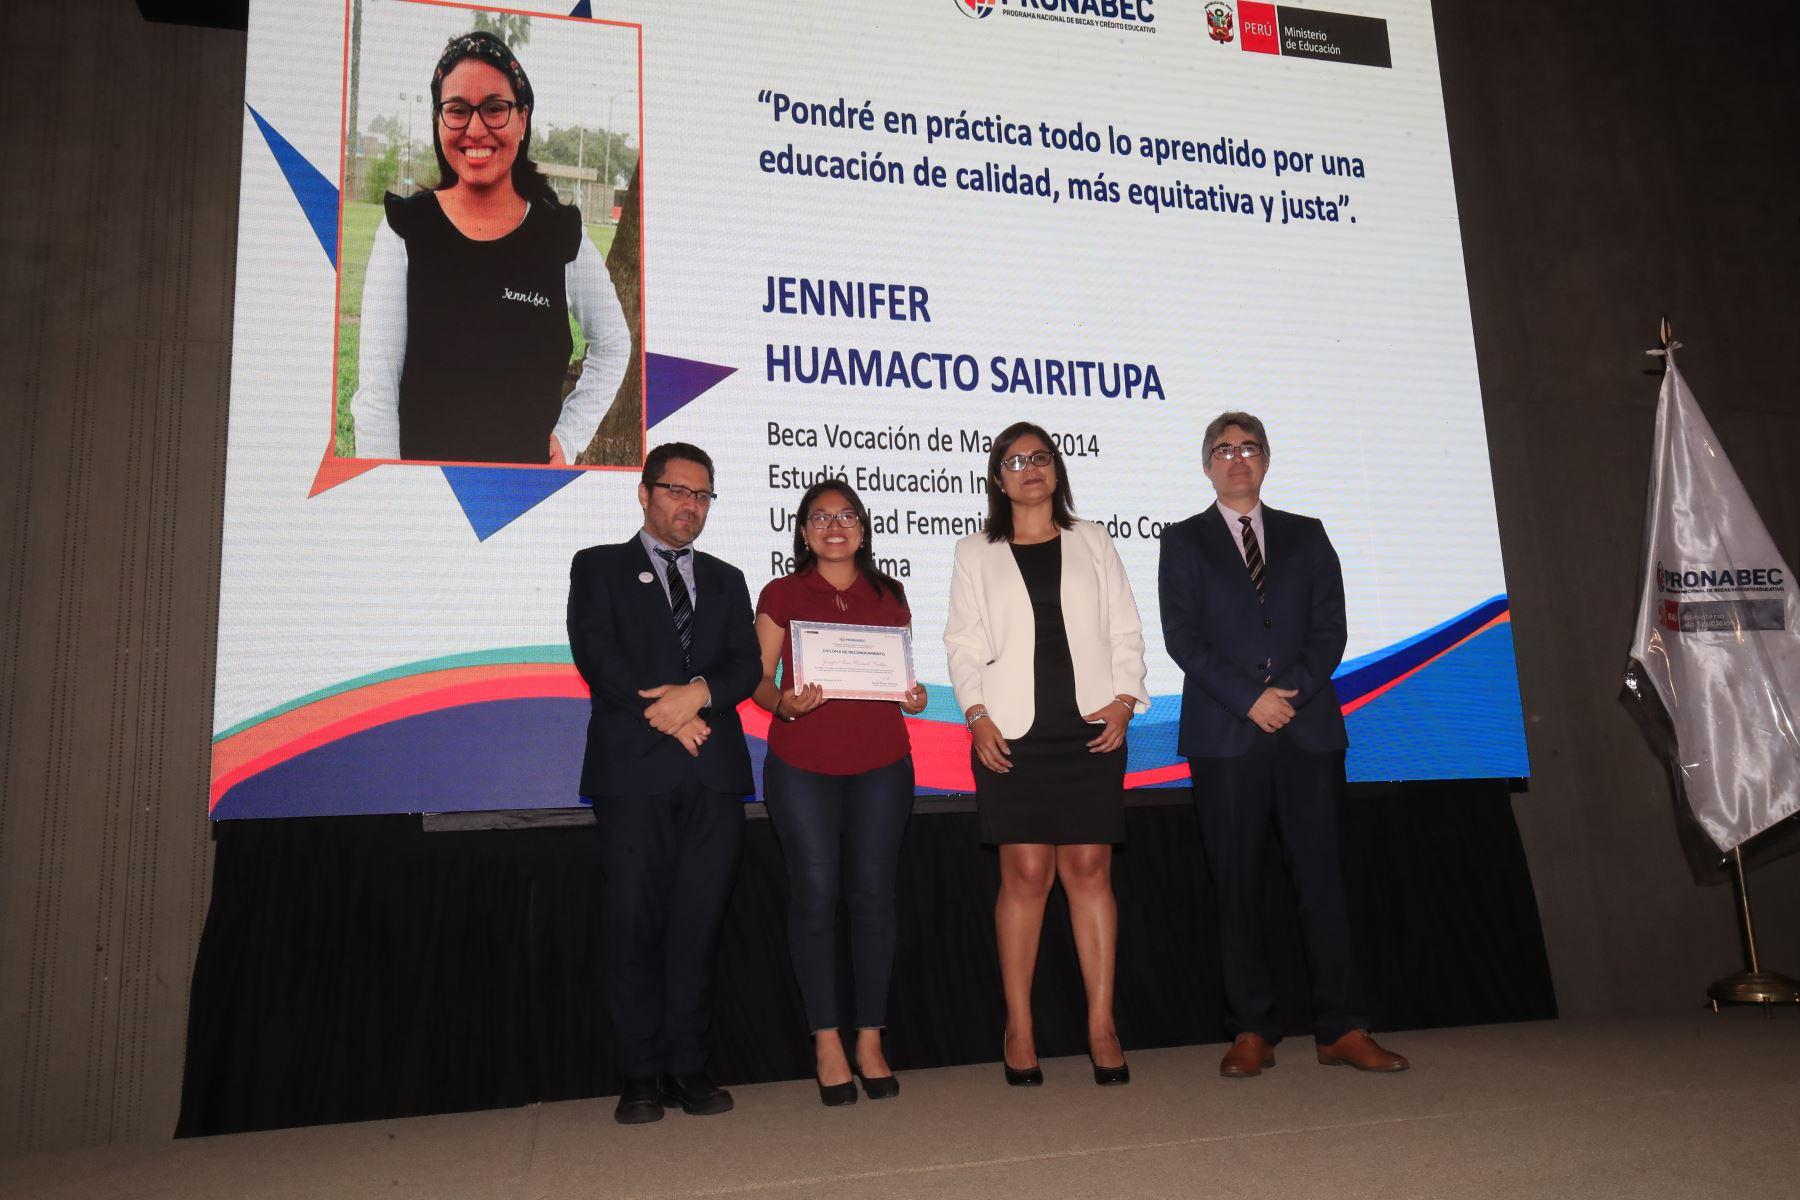 El Programa Nacional de Becas y Crédito Educativo (Pronabec) del Ministerio de Educación reconoció a 280 jóvenes talentos que acaban de concluir sus estudios de Educación  Foto: Andina/Juan Carlos Guzmán Negrini